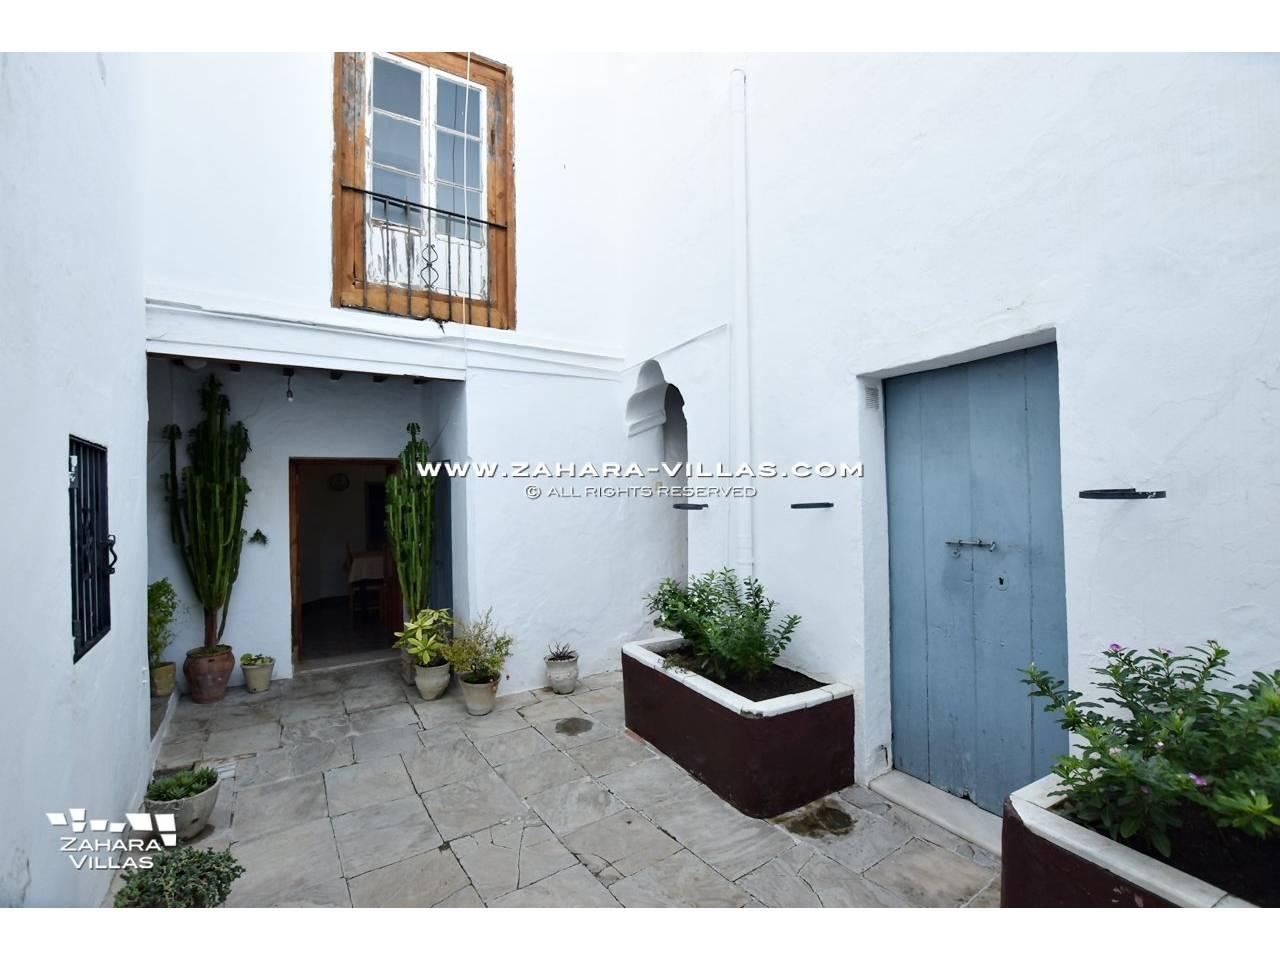 Imagen 16 de Historic buildings for sale in Vejer de la Frontera are sold